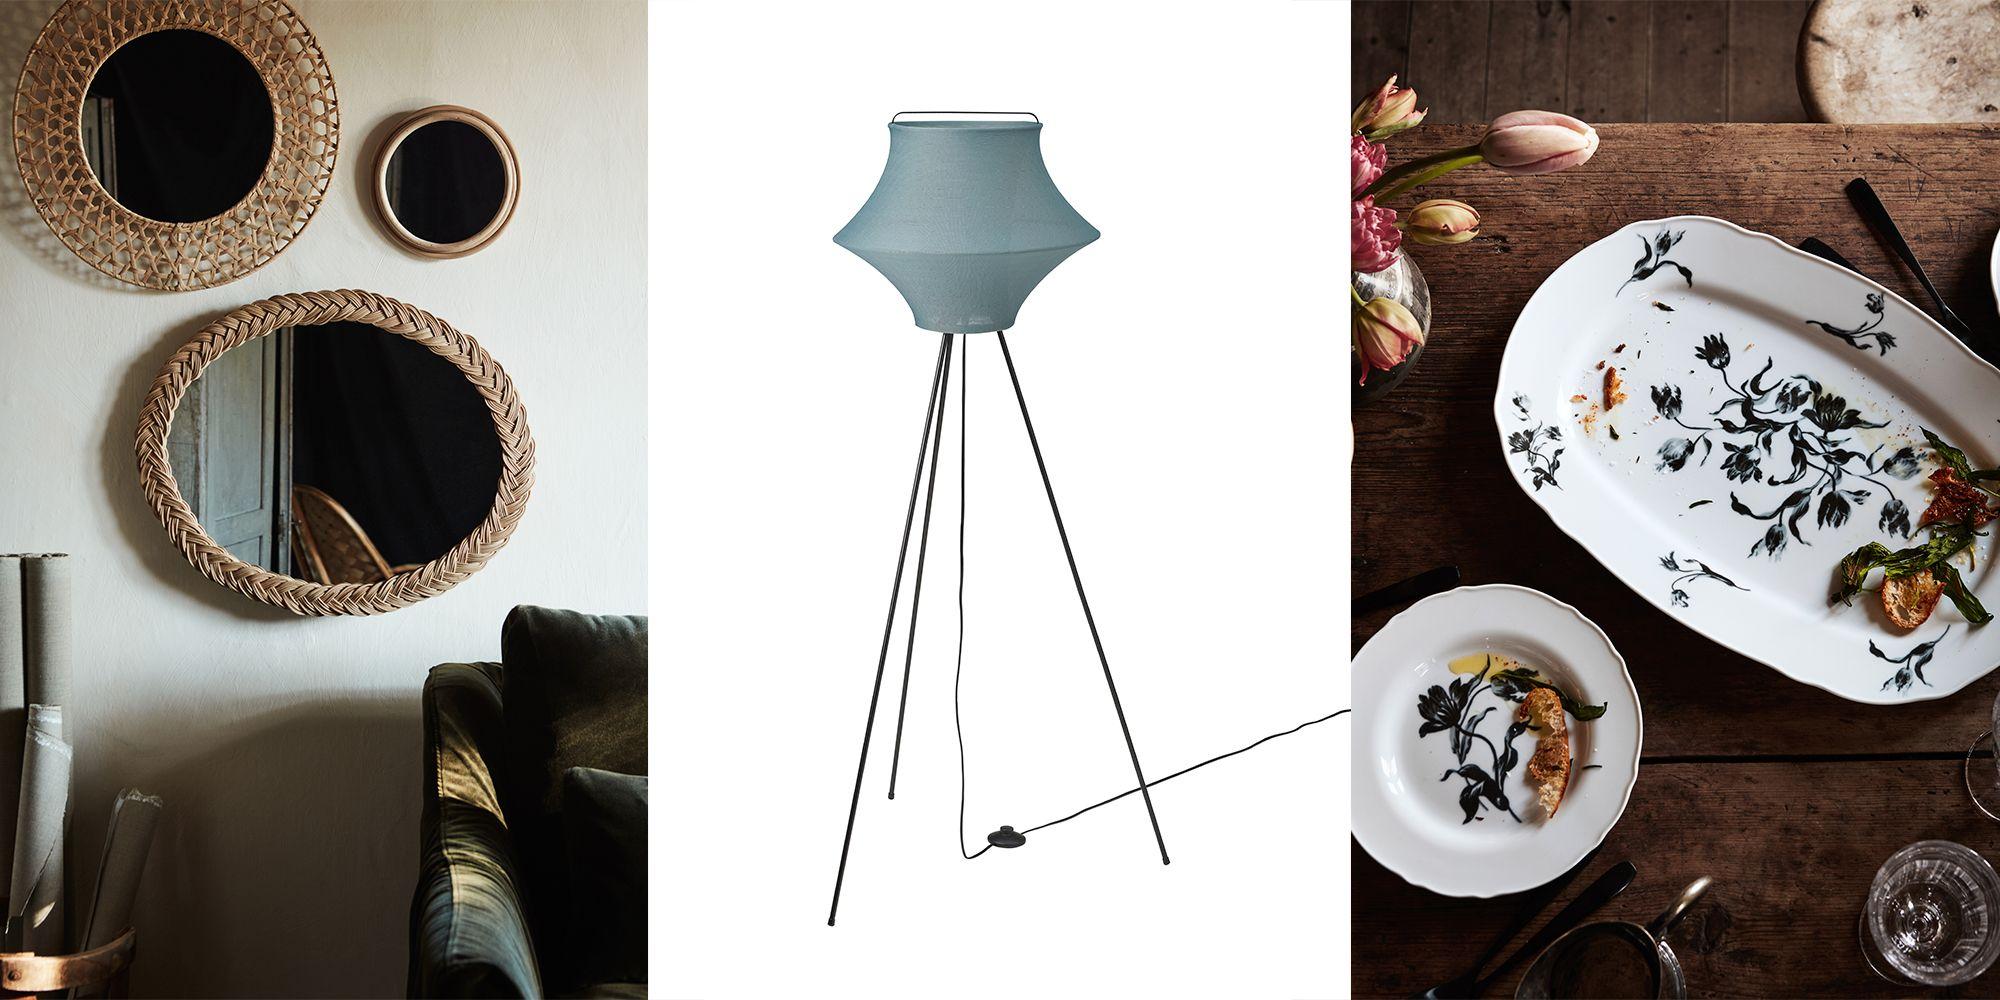 Ikea: Las 10 novedades de octubre que más nos ha gustado